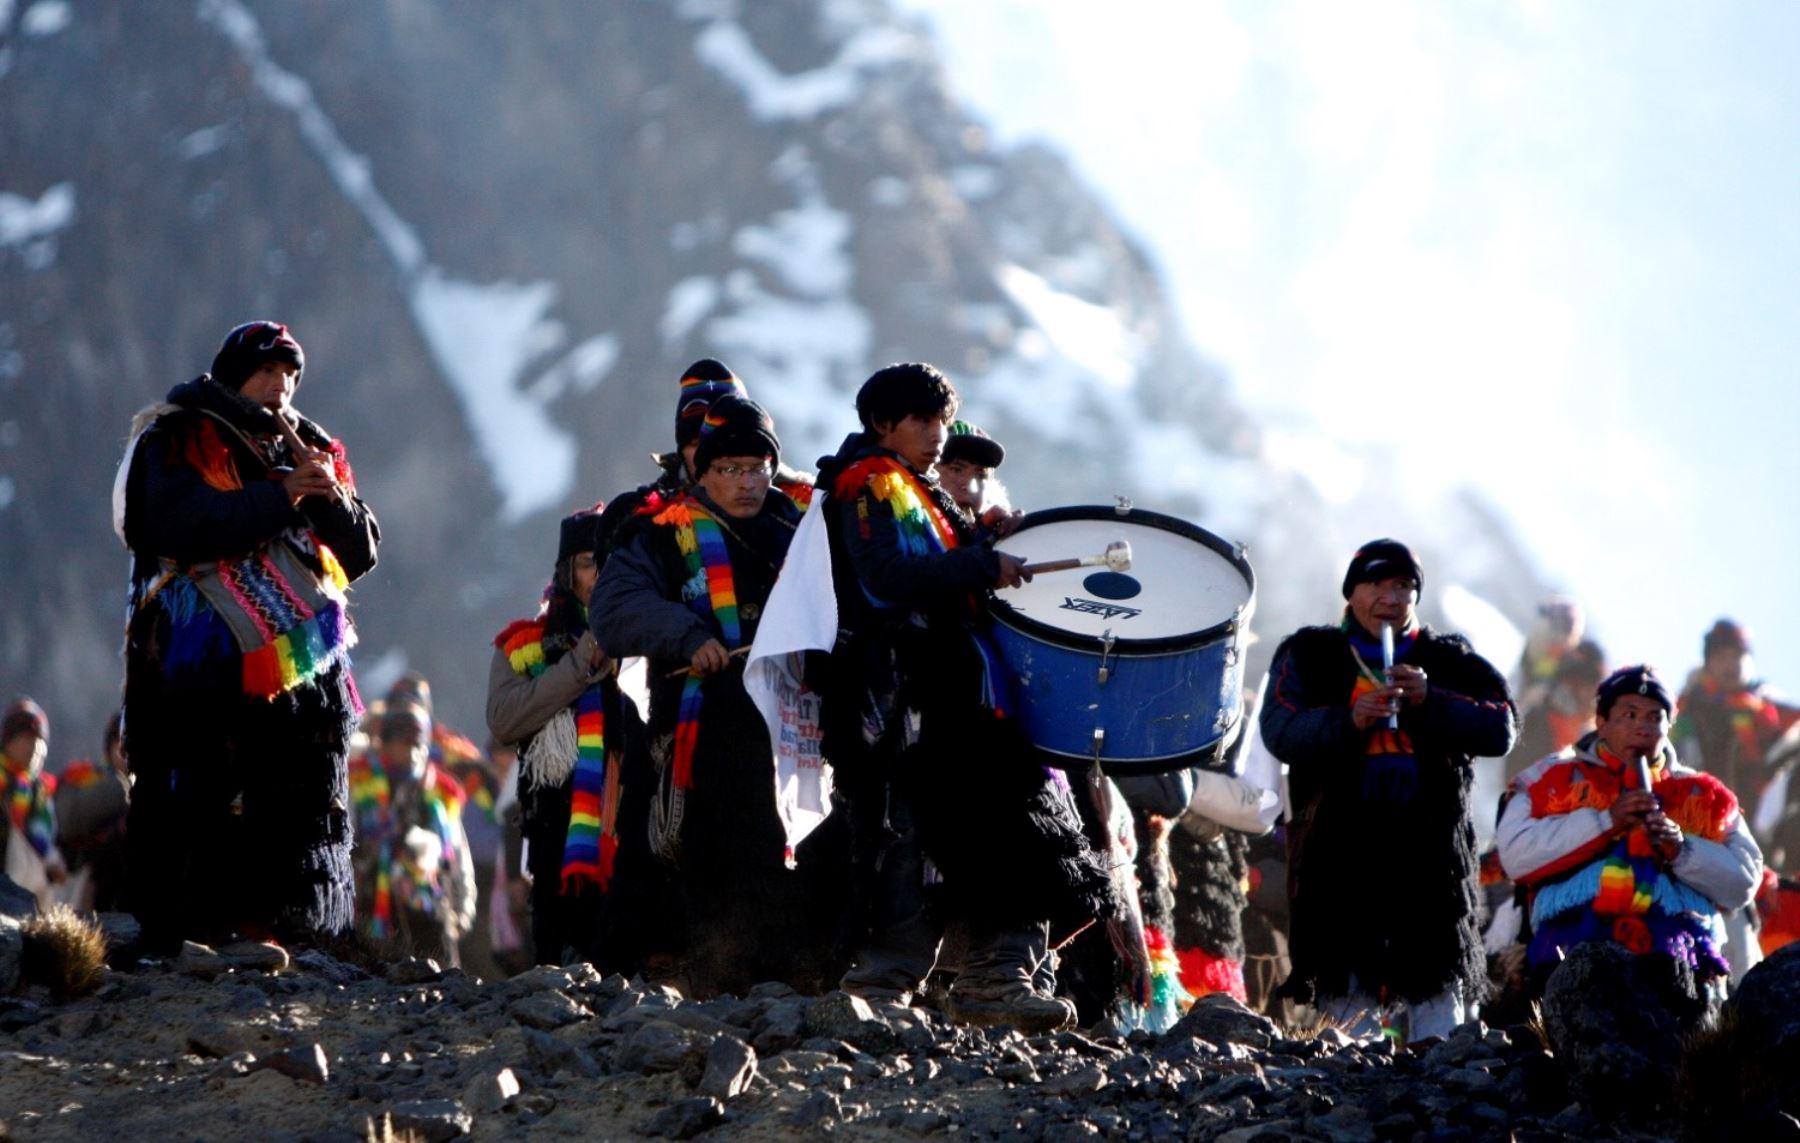 celebración del Señor de Qoyllur Riti. ANDINA/Percy Hurtado Santillán